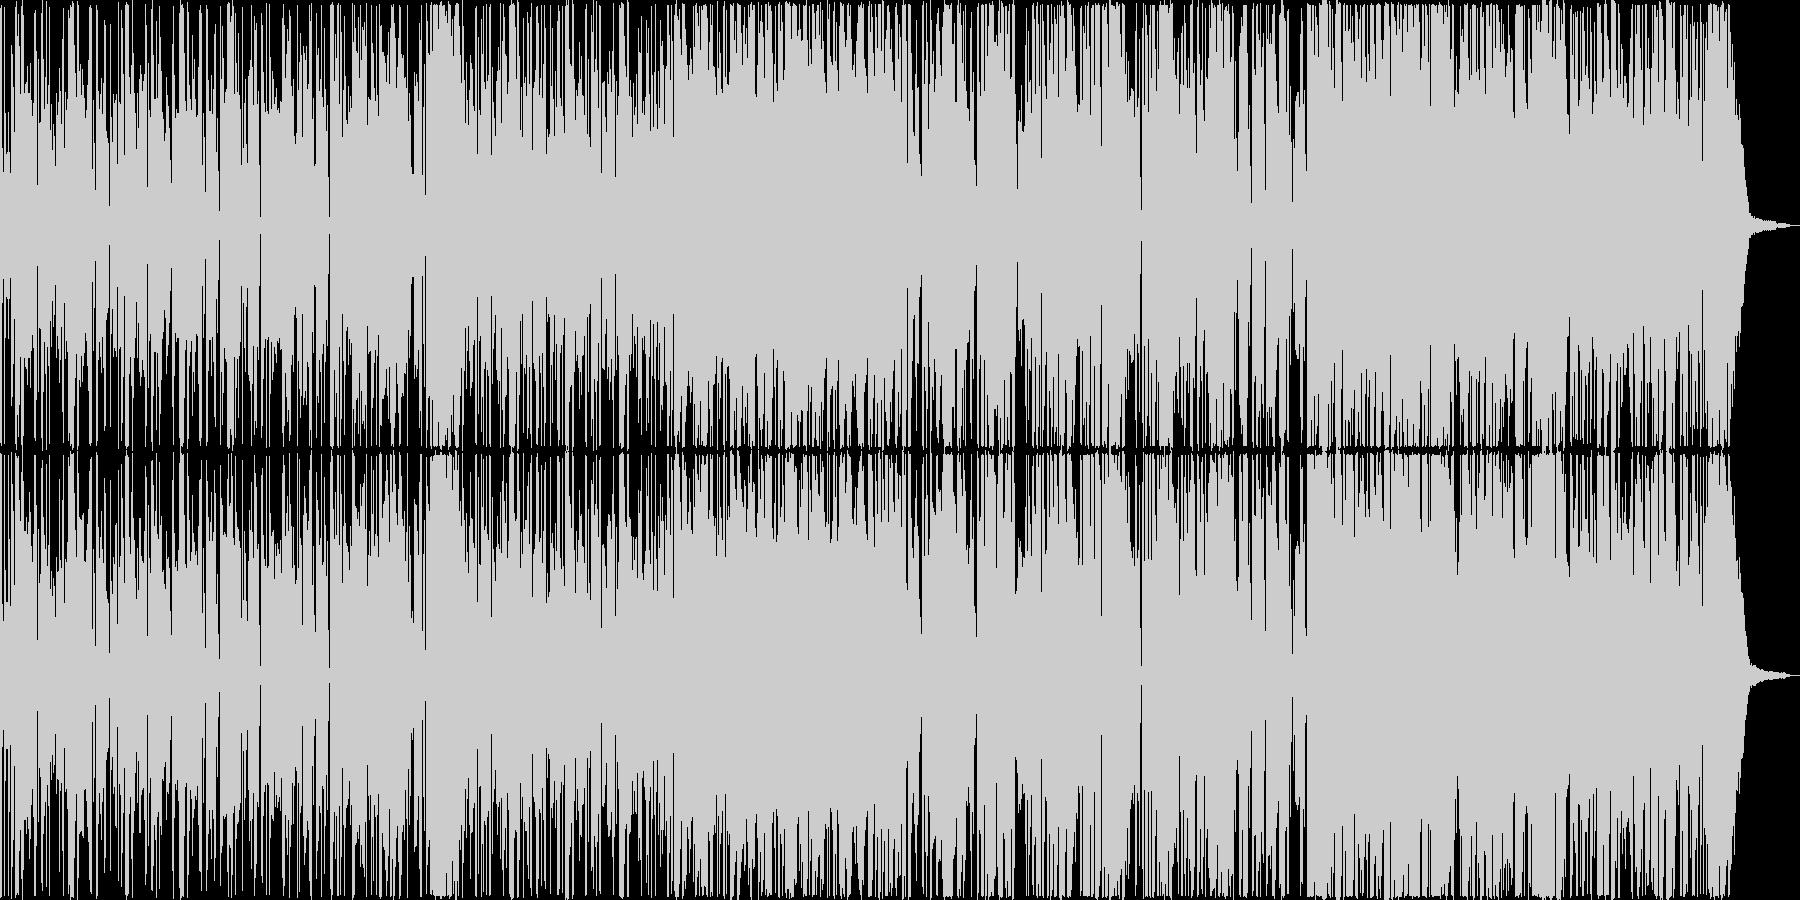 優雅で懐疑的なサックスジャズの未再生の波形